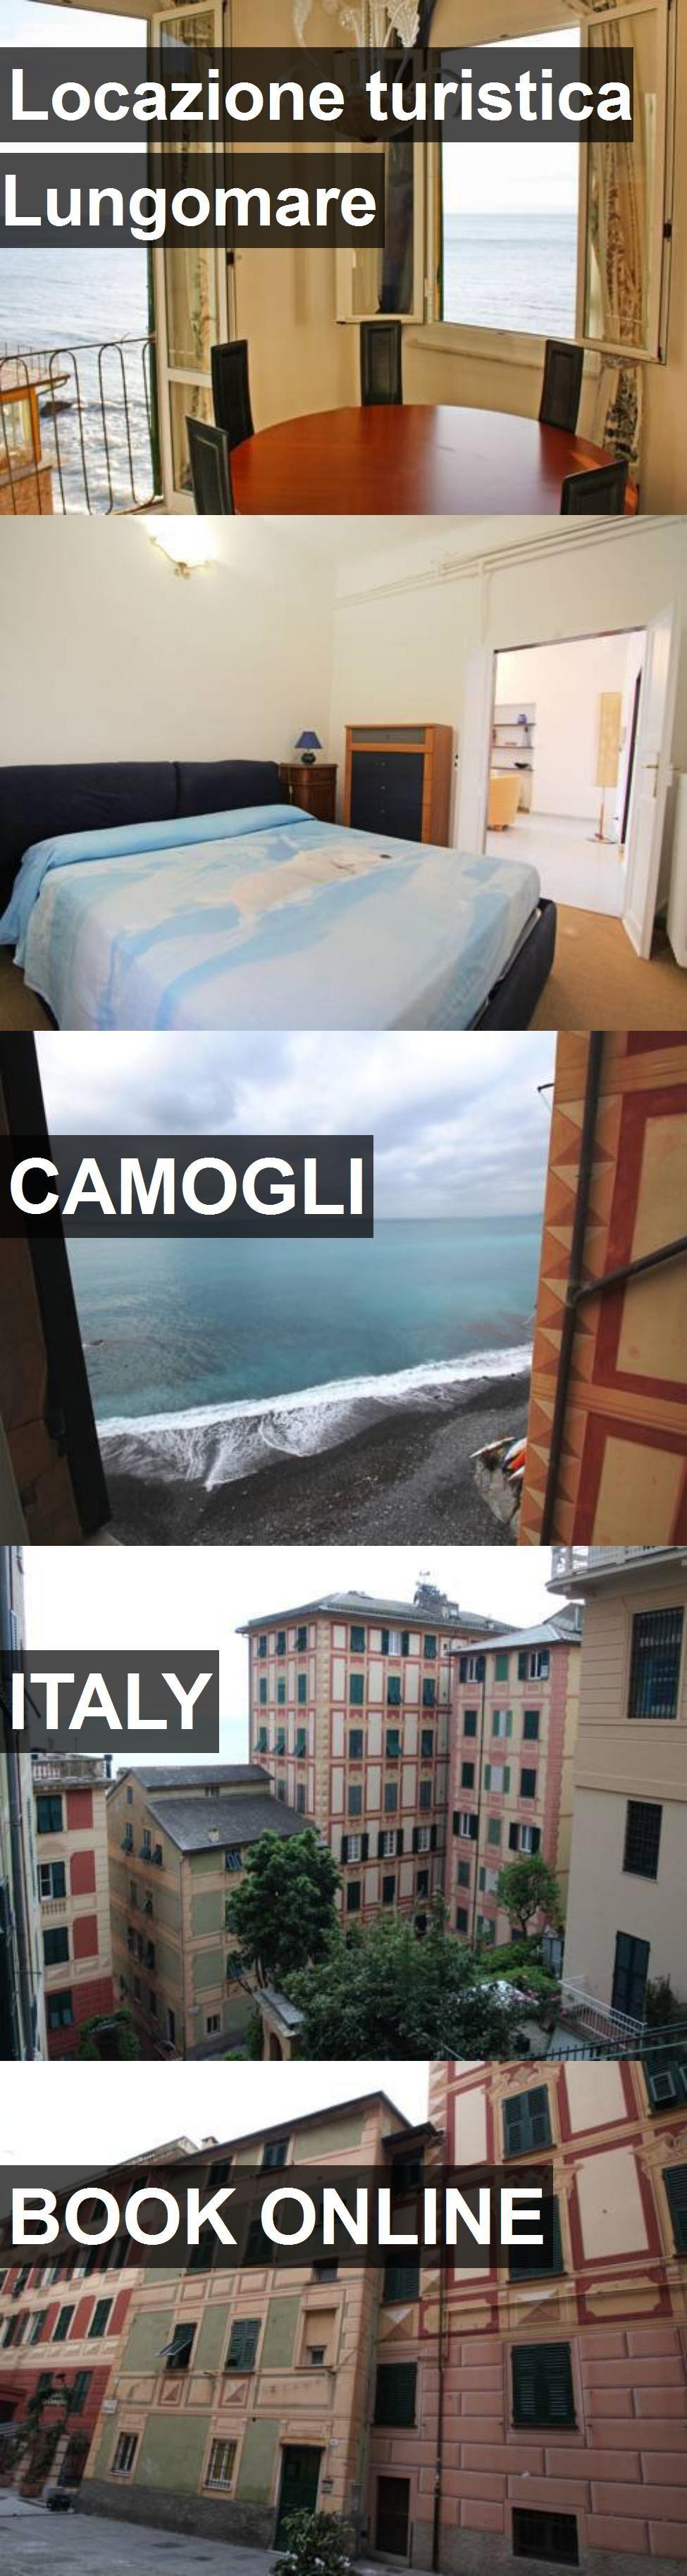 Hotel Locazione turistica Lungomare in Camogli, Italy. For